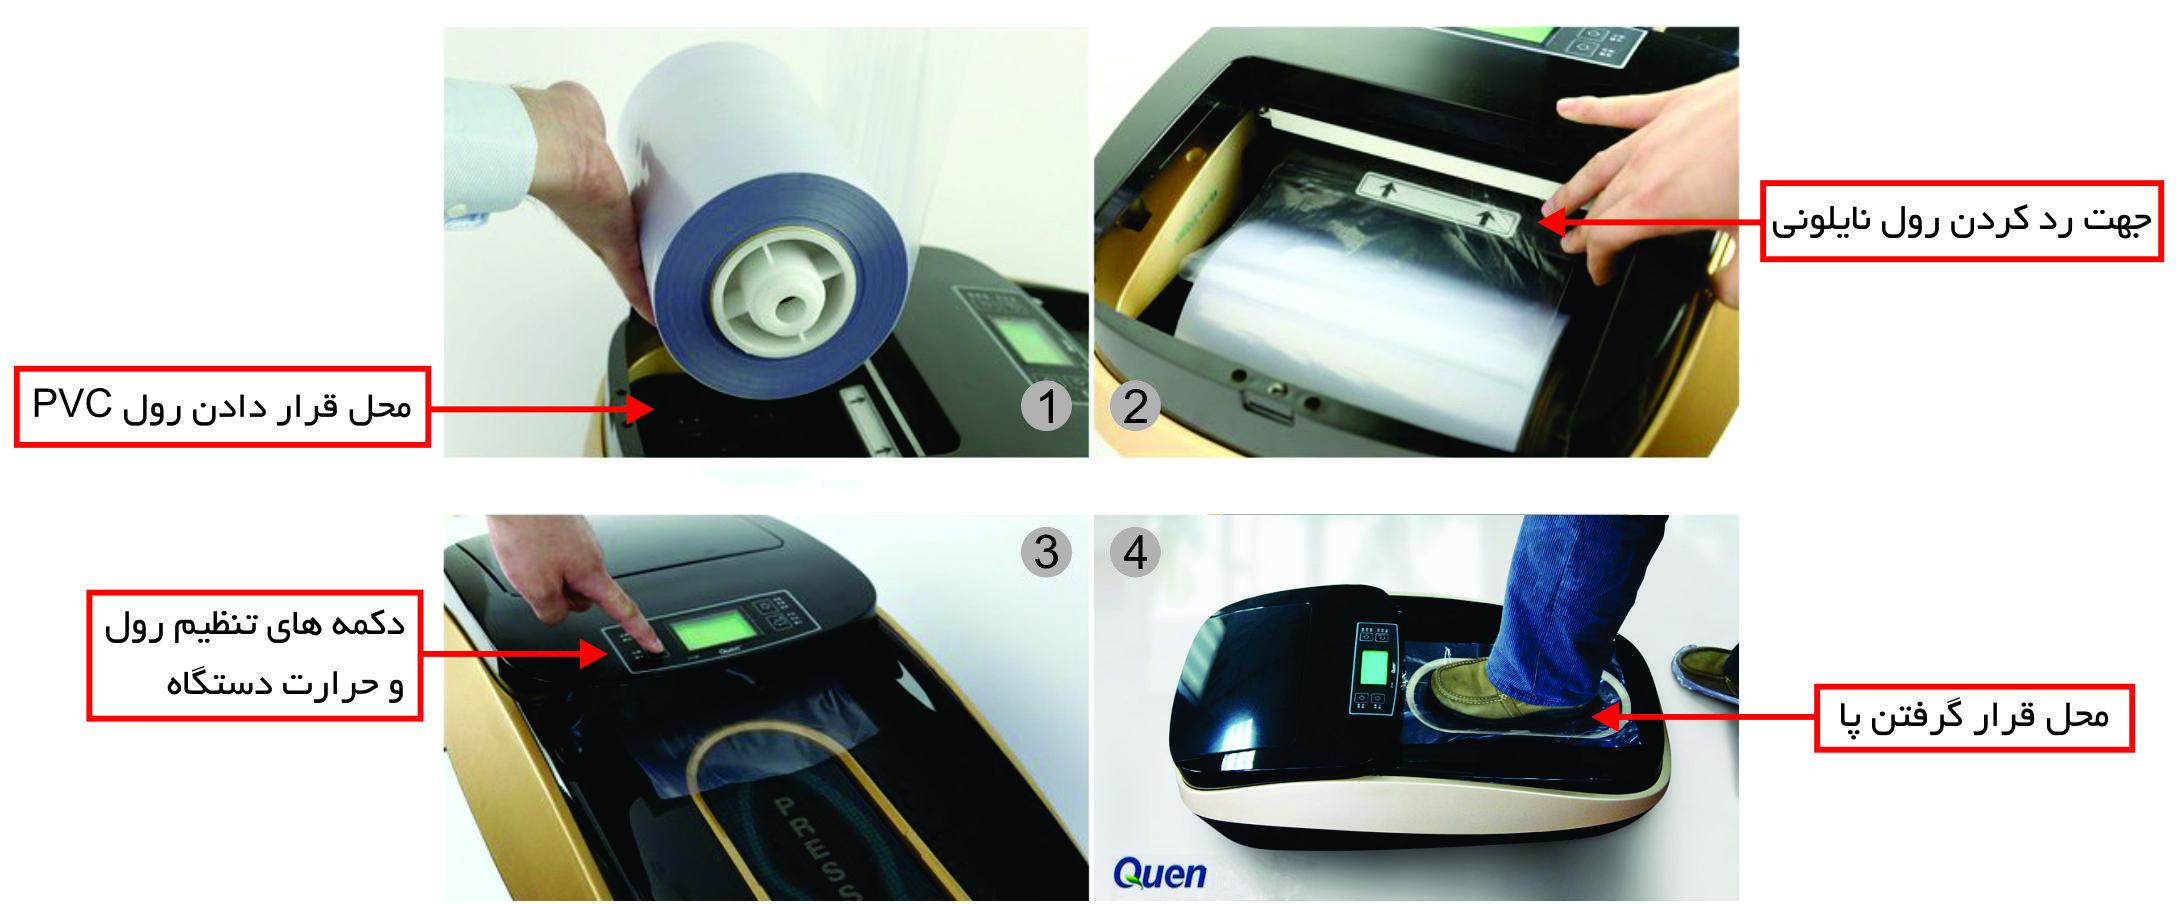 طرز استفاده دستگاه حرارتی